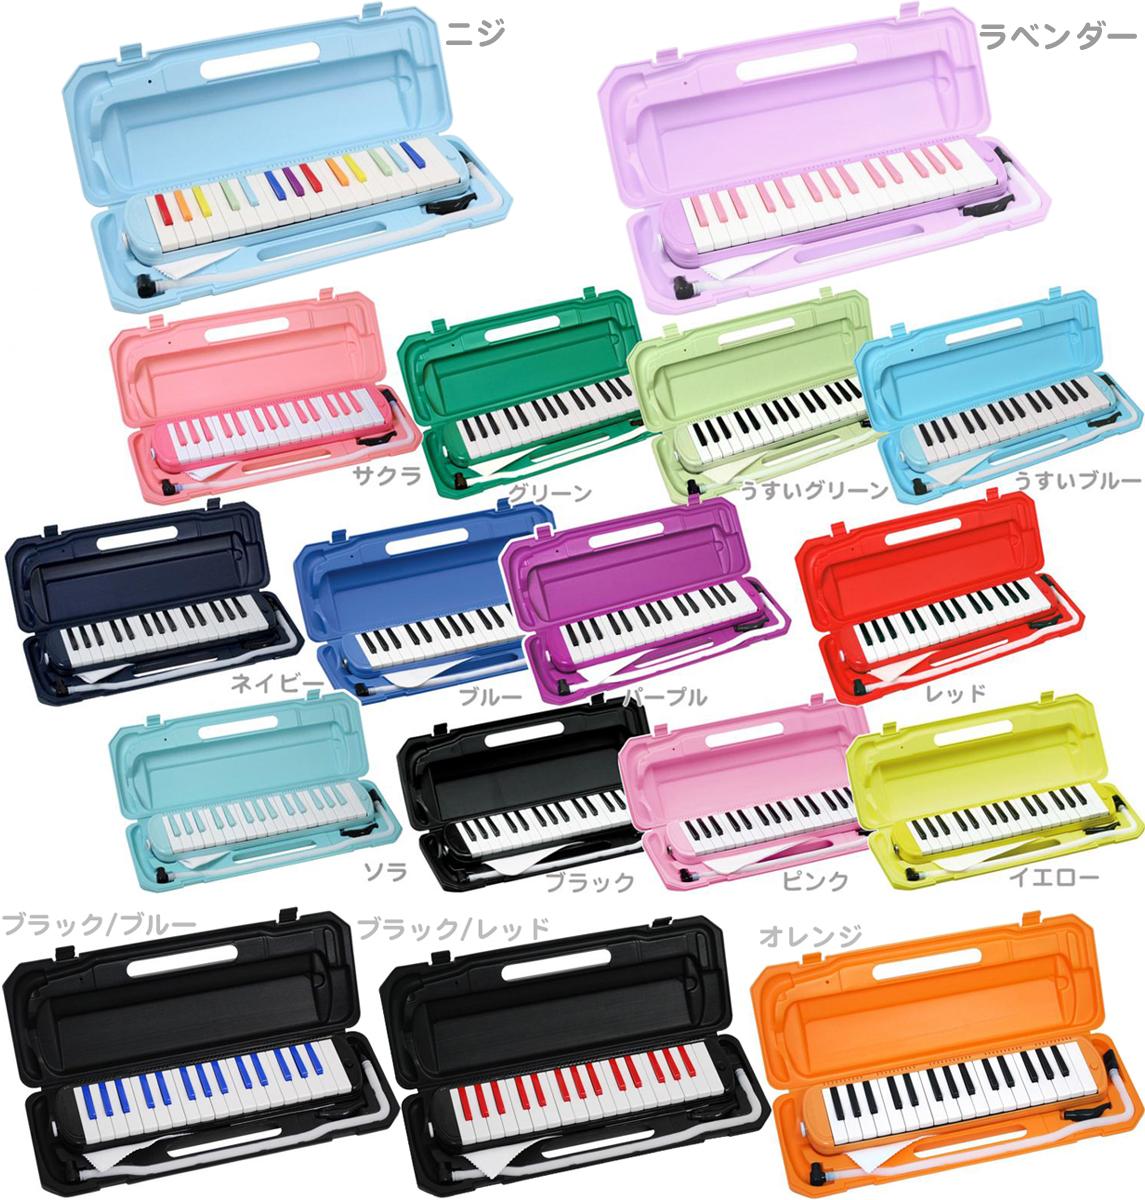 ヤマハ 鍵盤 ハーモニカ